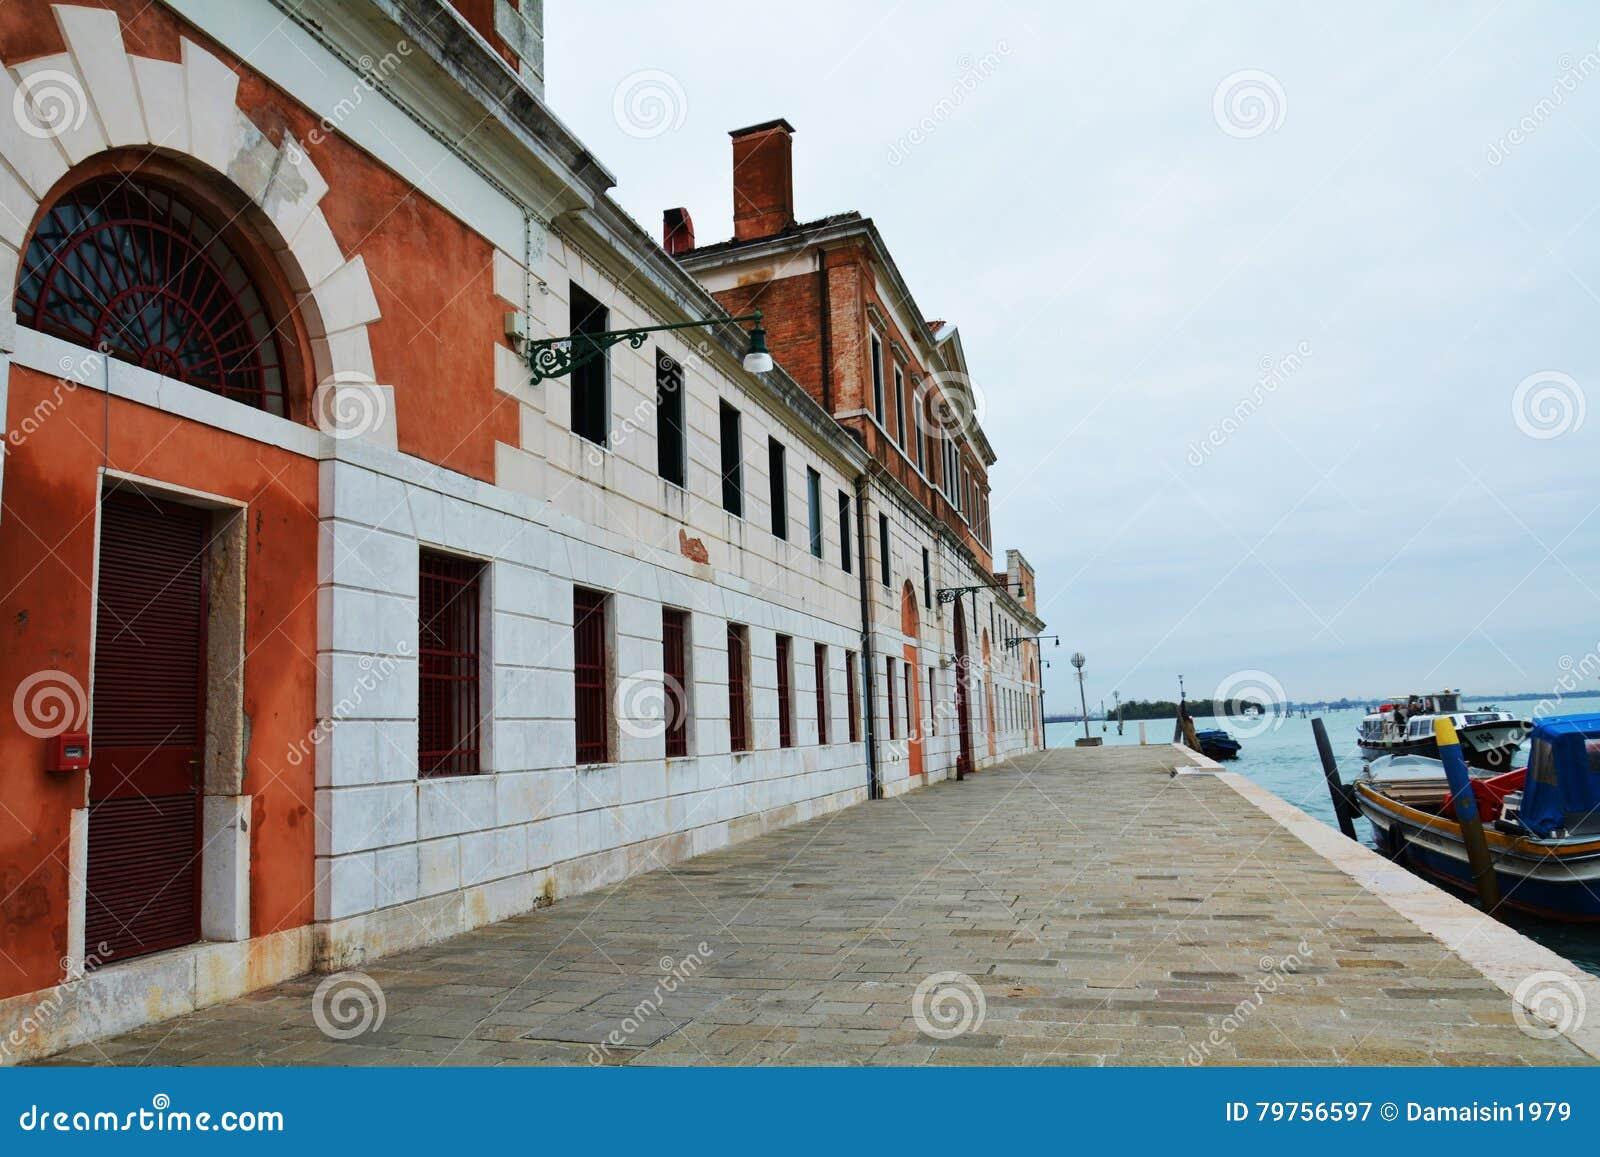 Городской пейзаж и s Окрестности Giobbe, Венеция, Италия